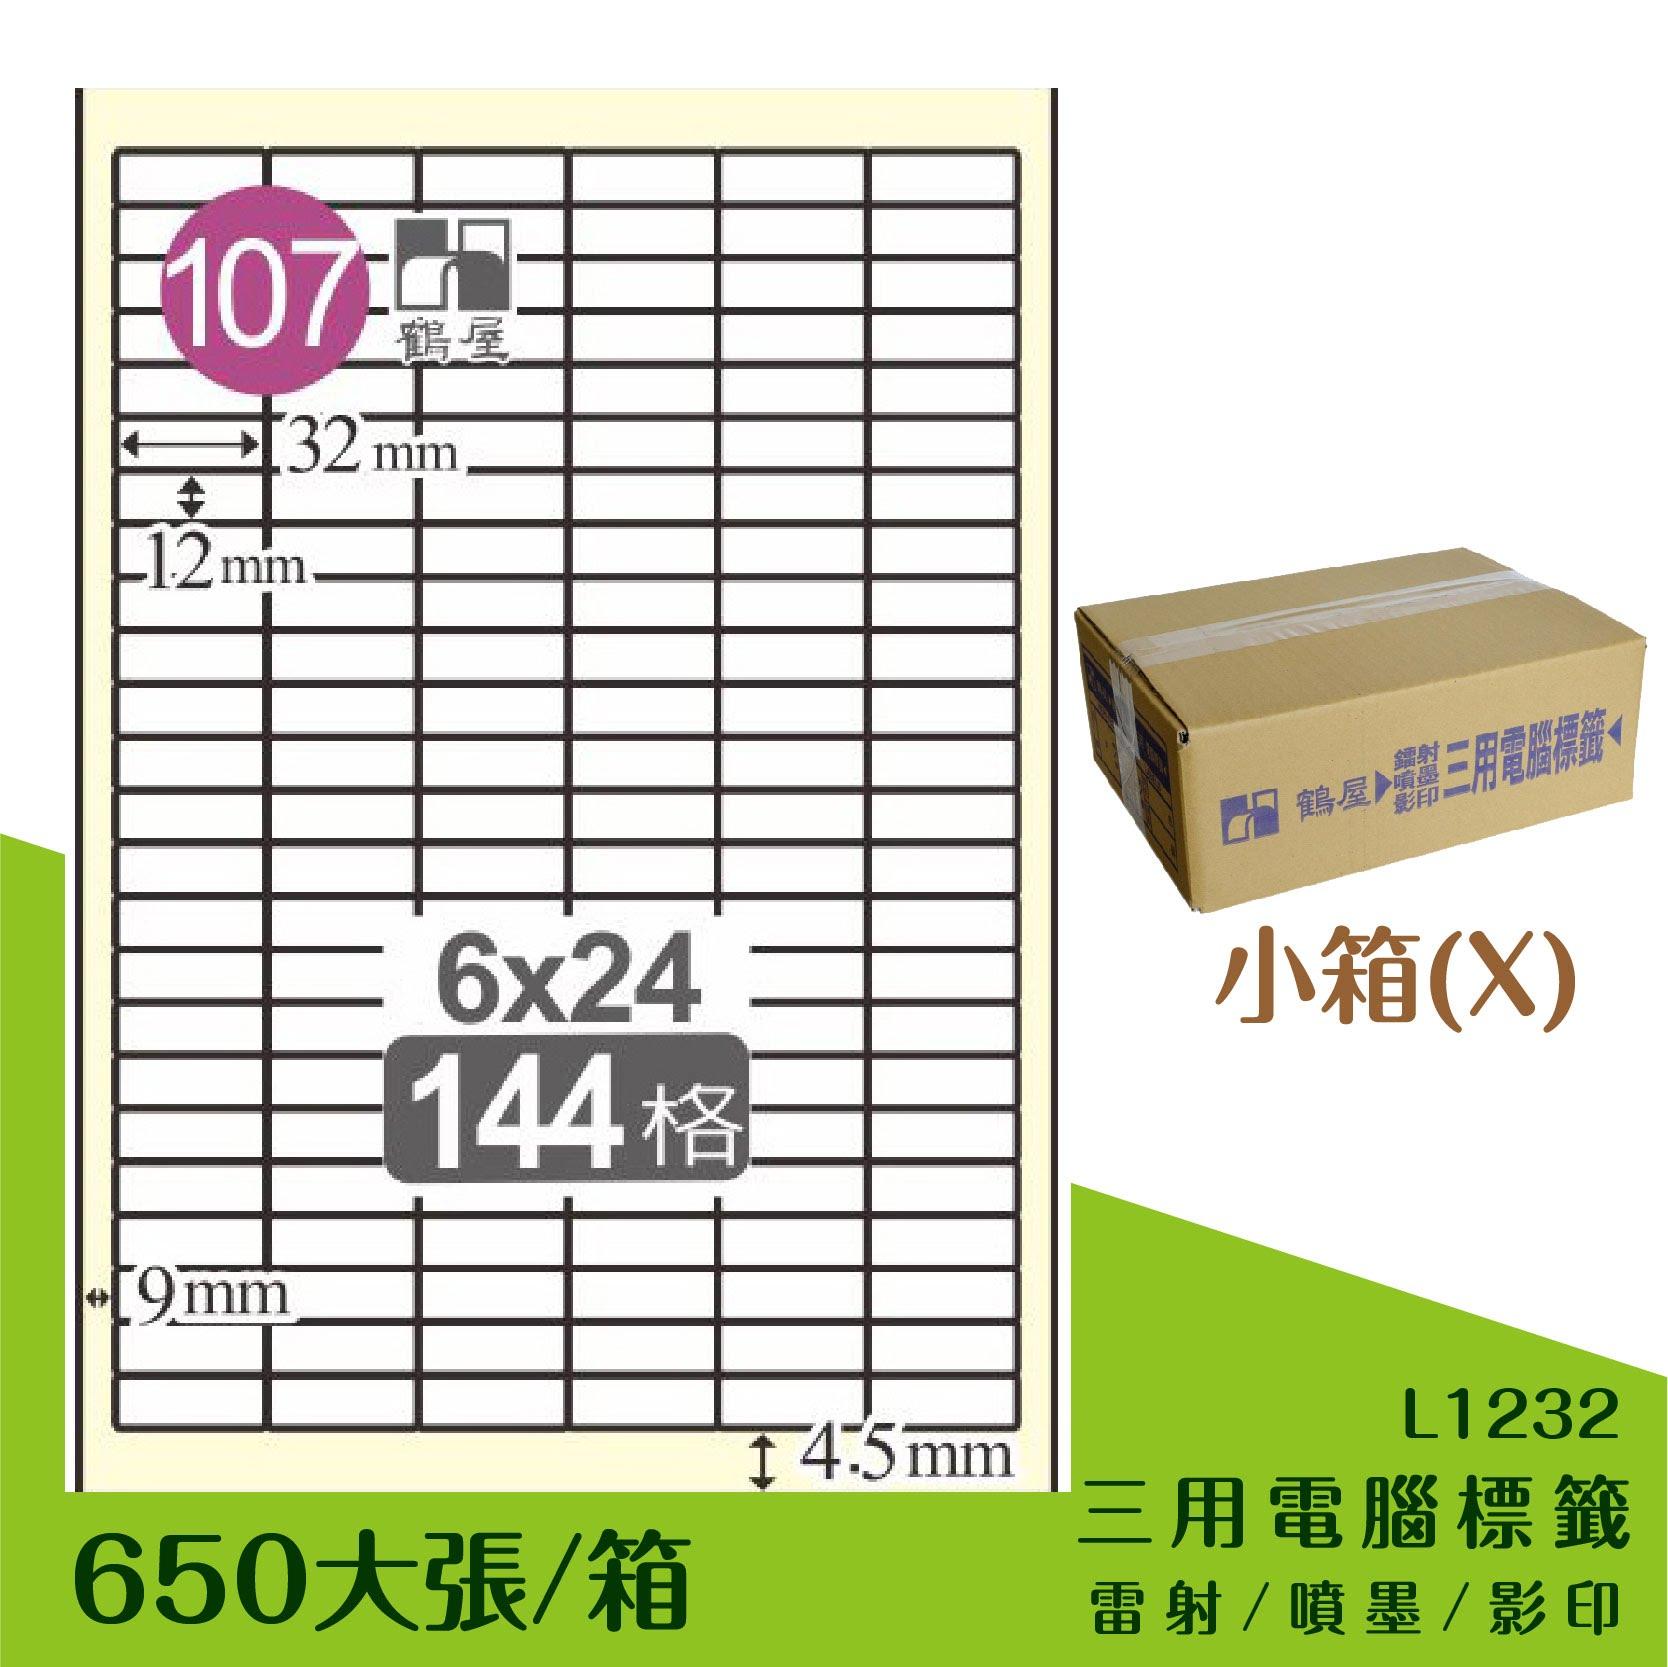 量販一小箱【鶴屋】電腦標籤紙 白色 L1232 144格 650大張/小箱 三用標籤 影印/雷射/噴墨 貼紙 標示 信件